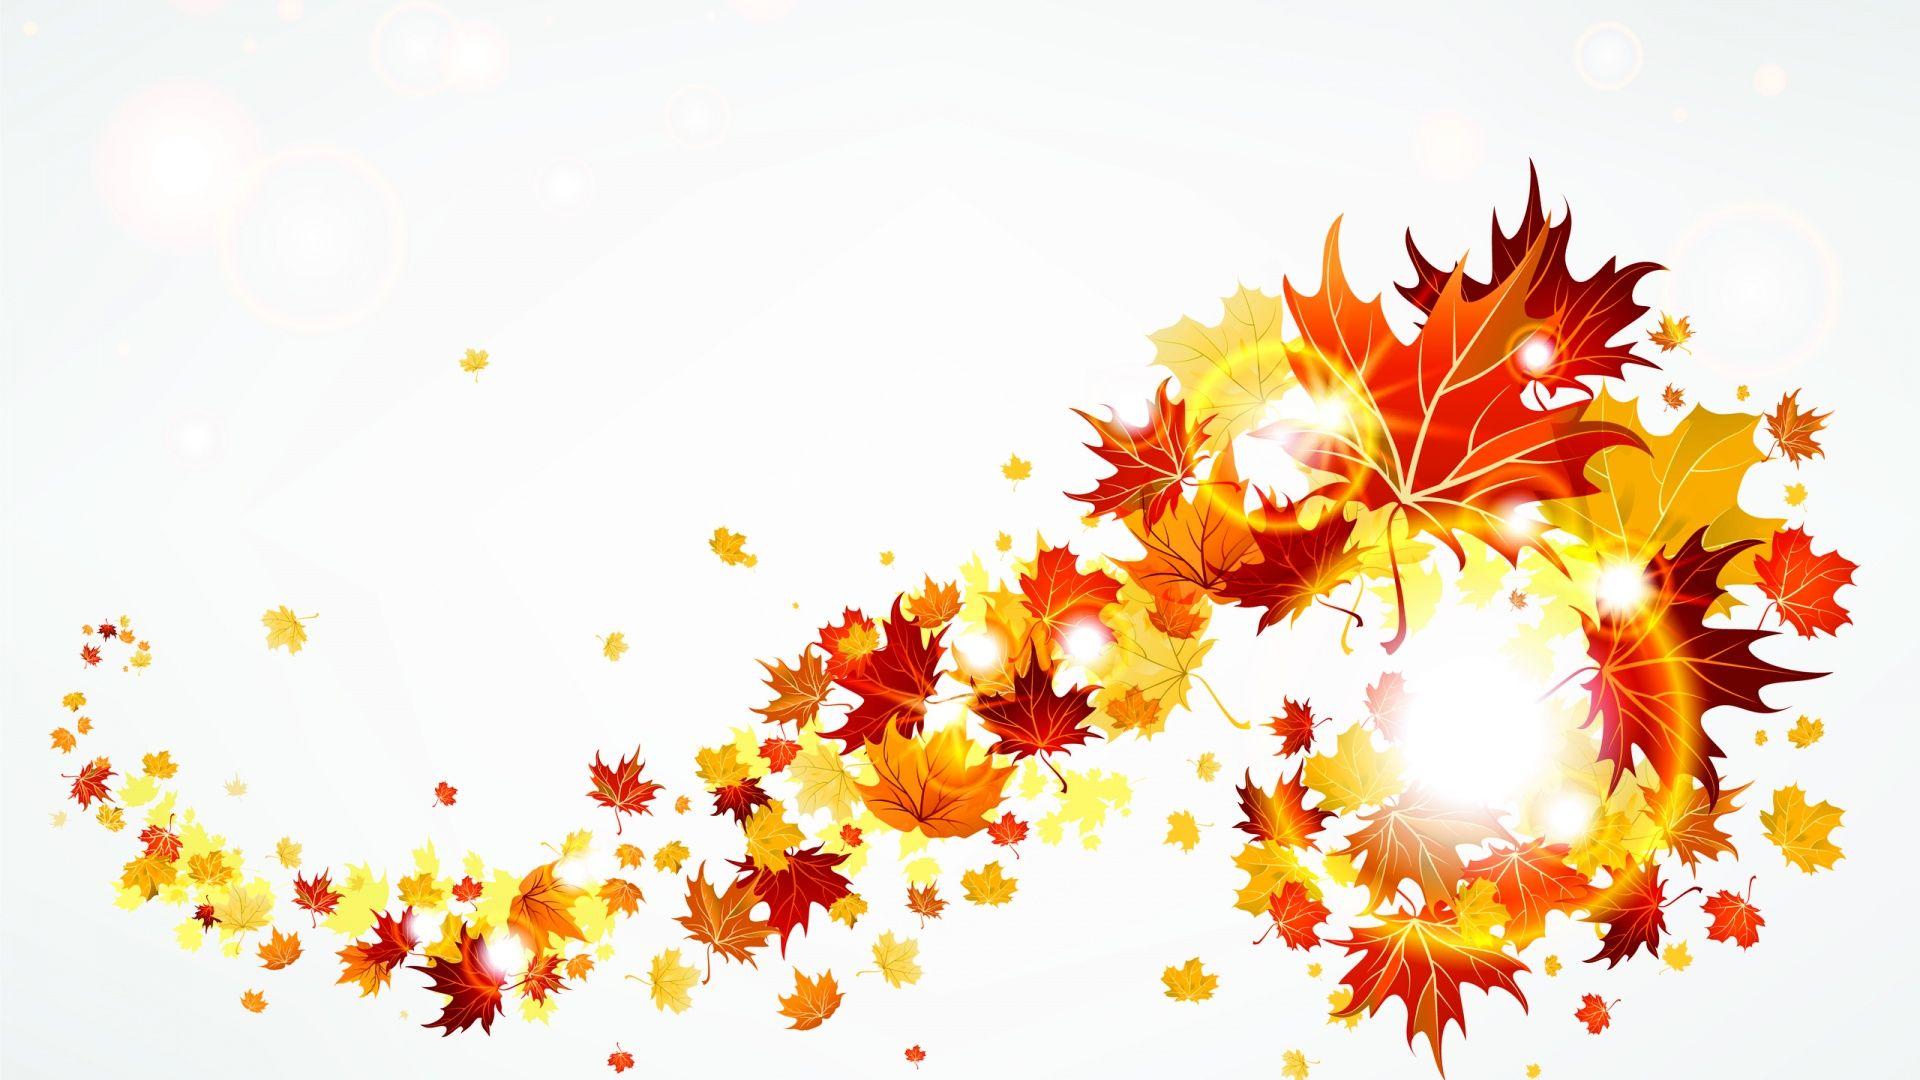 Fall Leaves Clip Art Autumn .-Fall leaves clip art autumn .-10